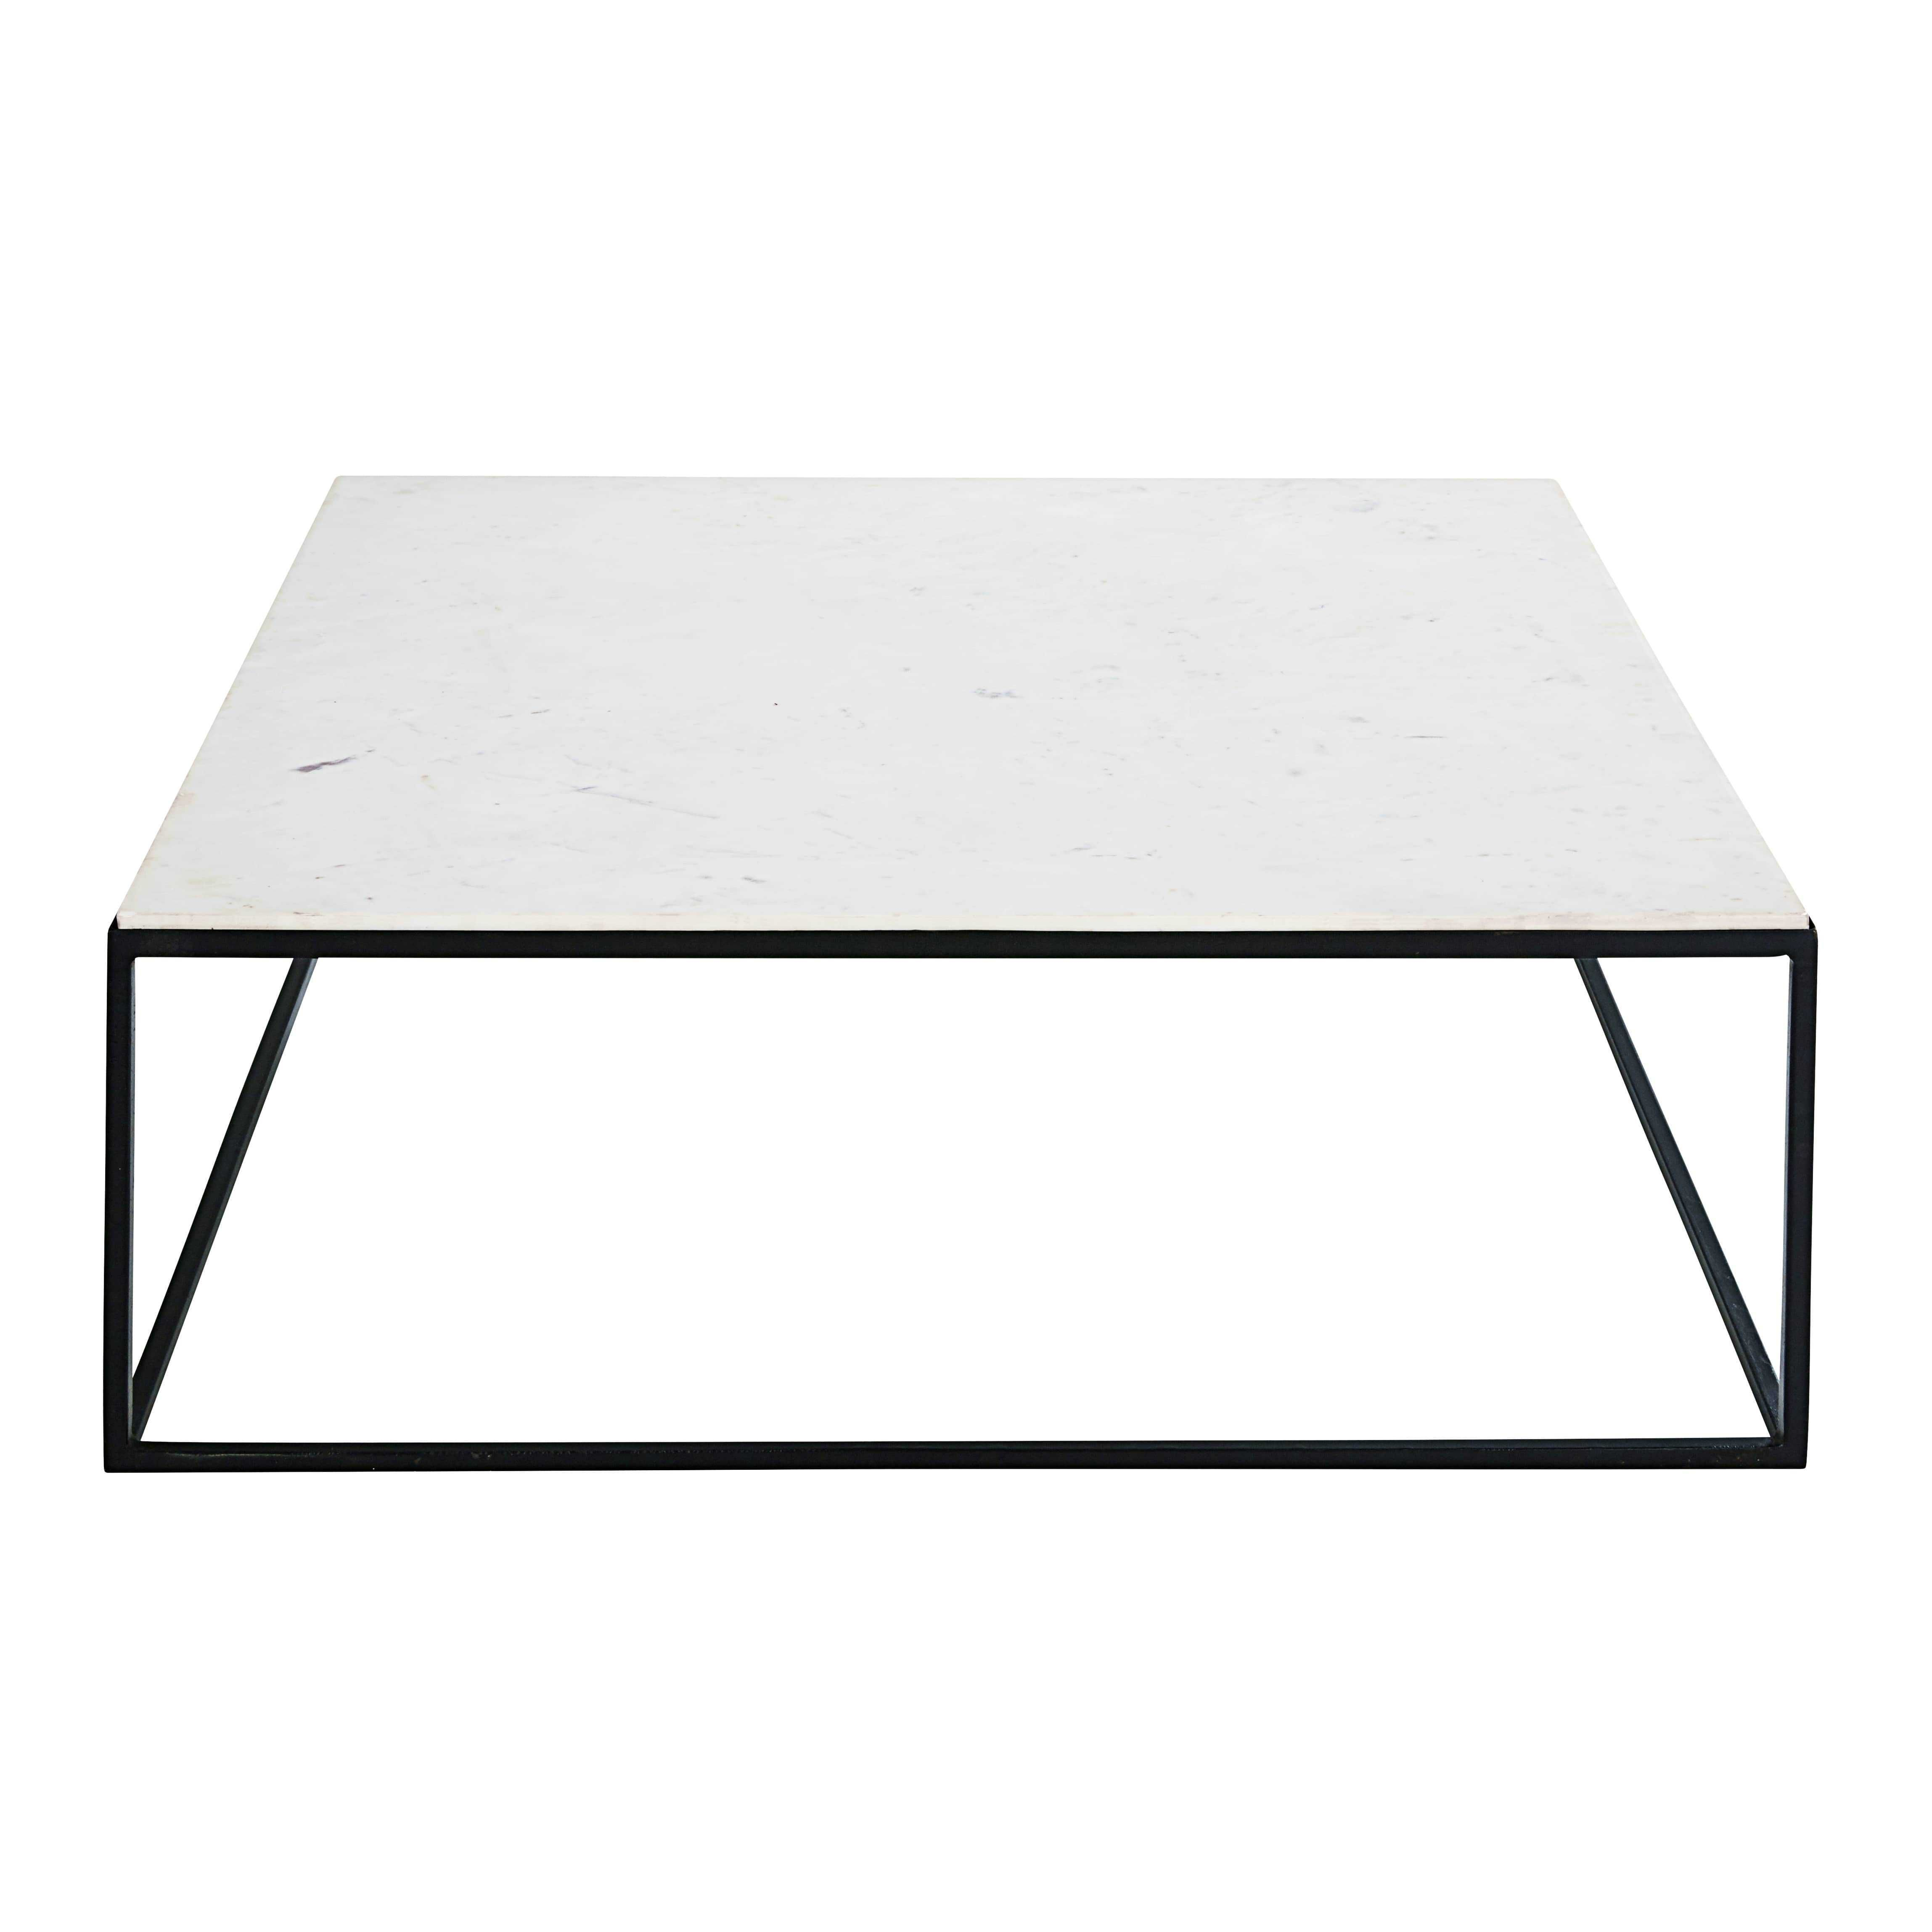 Quadratischer Couchtisch Aus Weißem Marmor Und Schwarzem Metall ... Marmor Wohnzimmer Tische